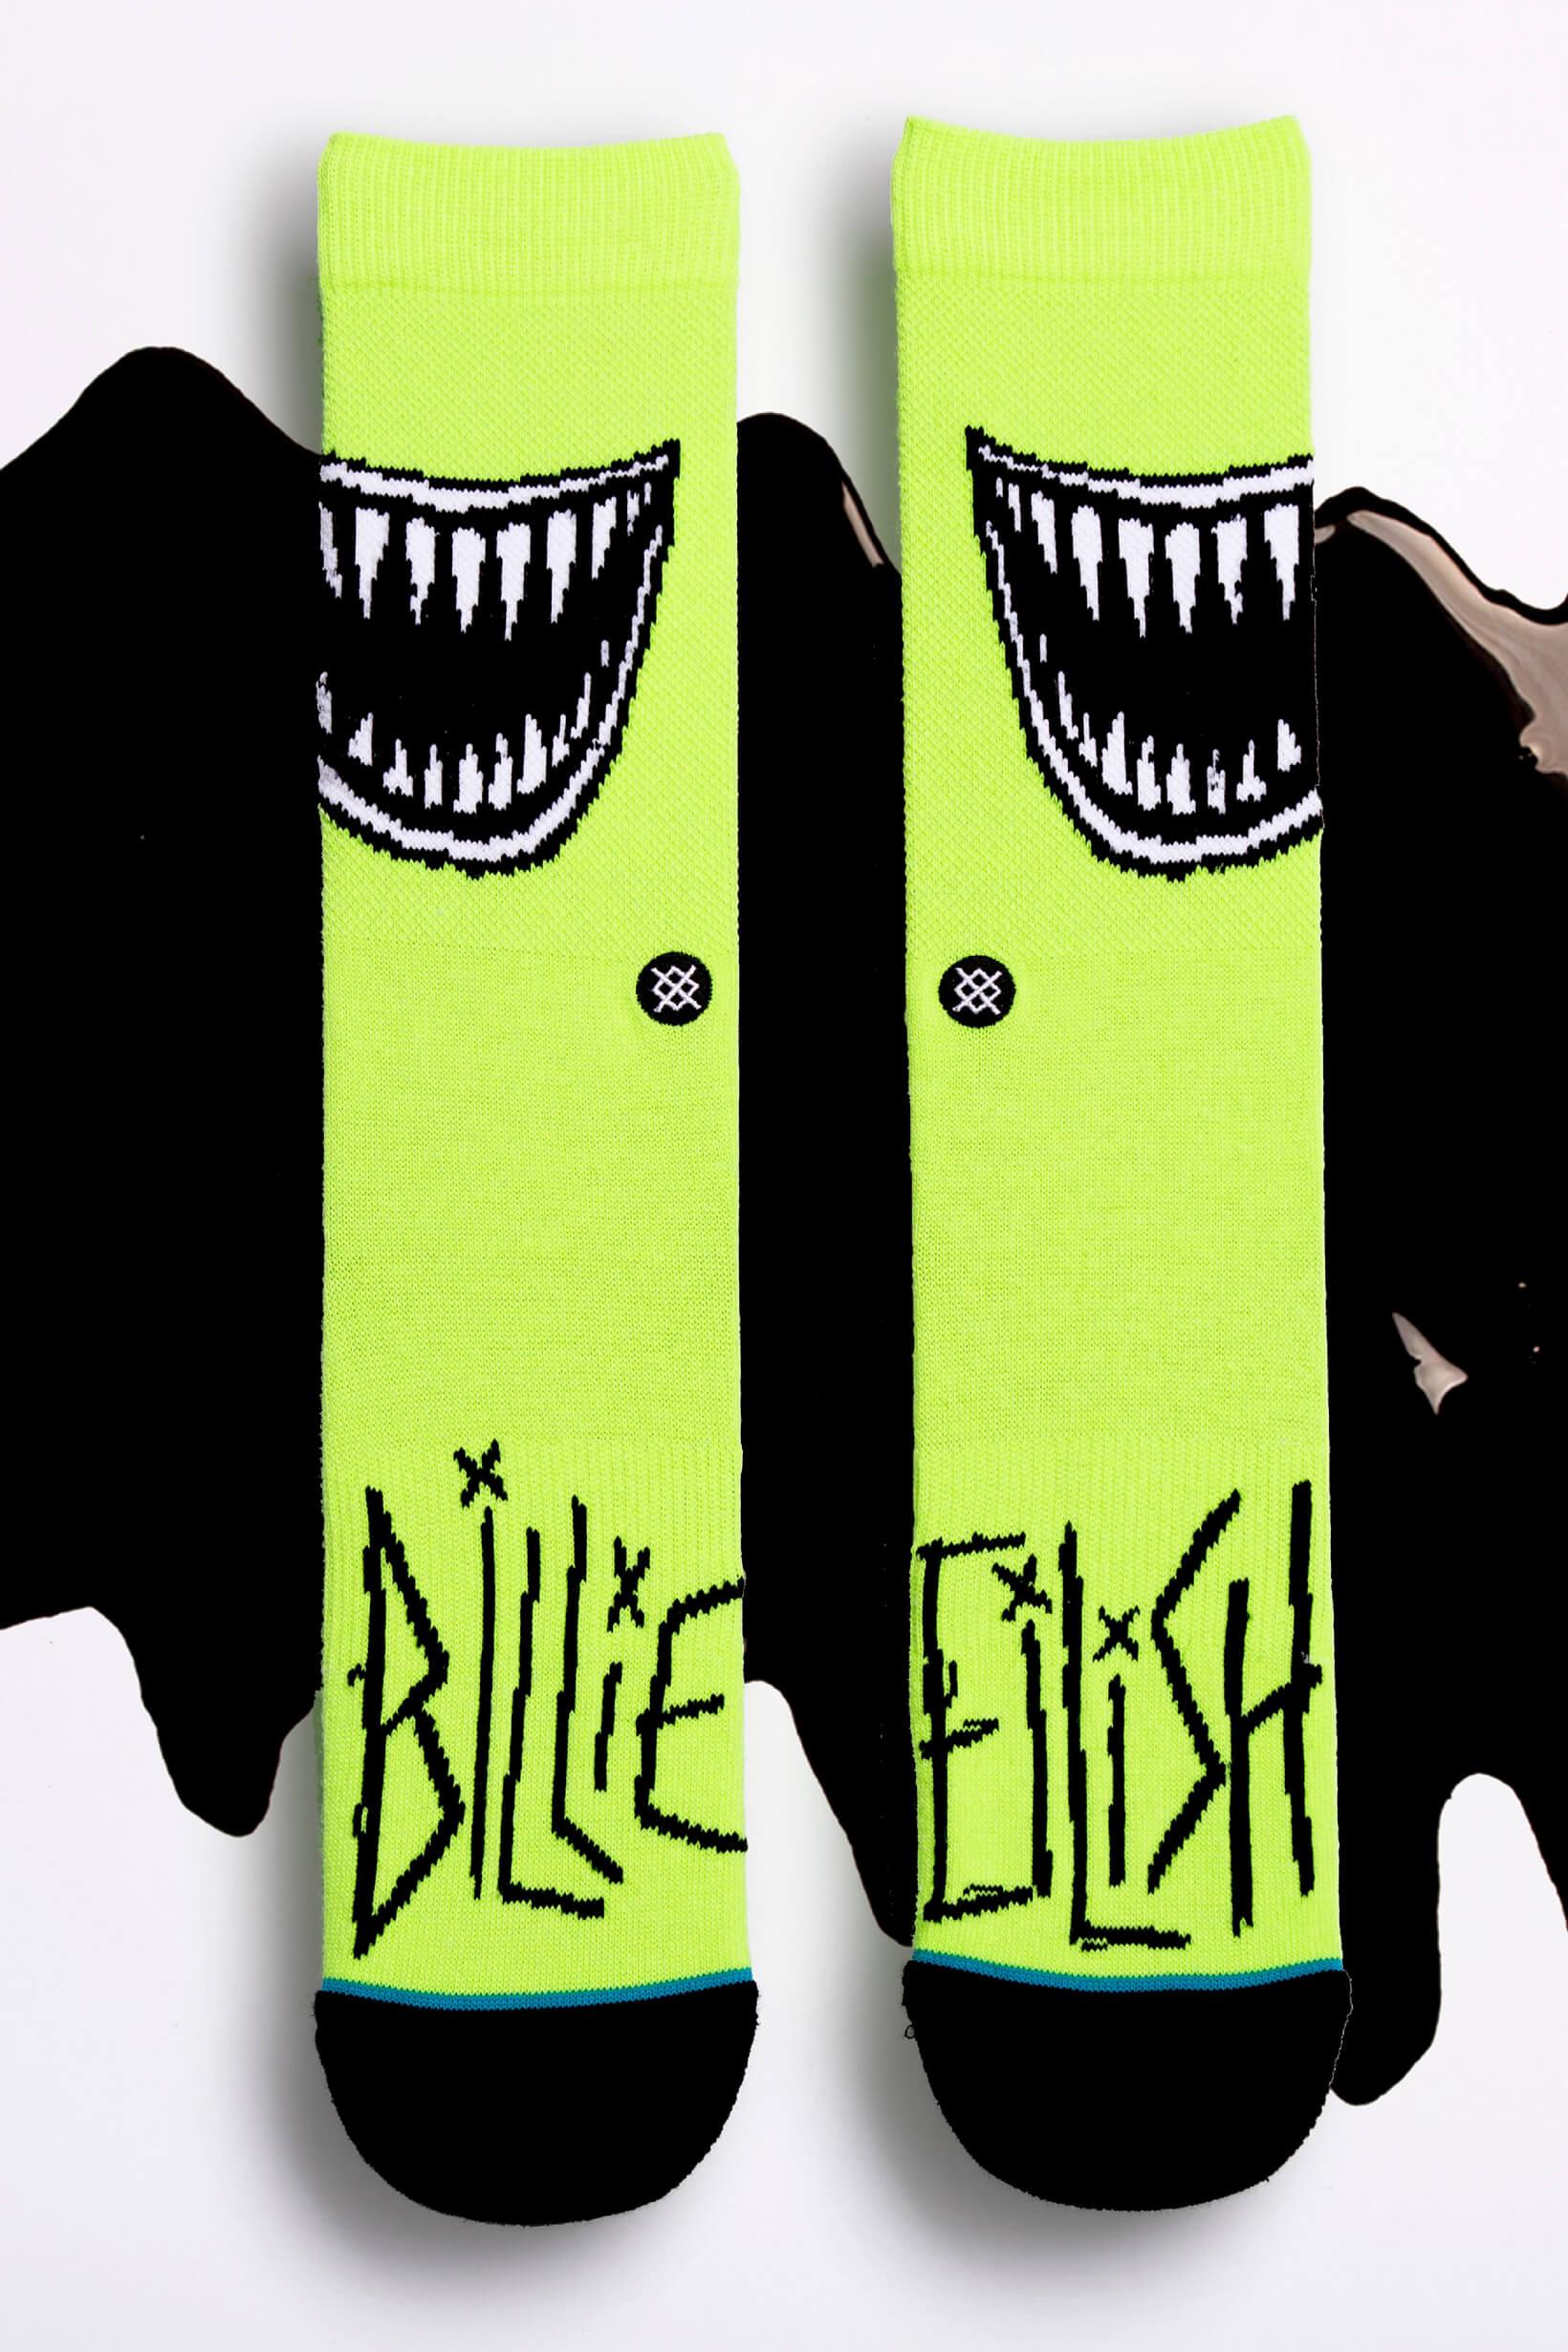 Billie Eilish x Stance